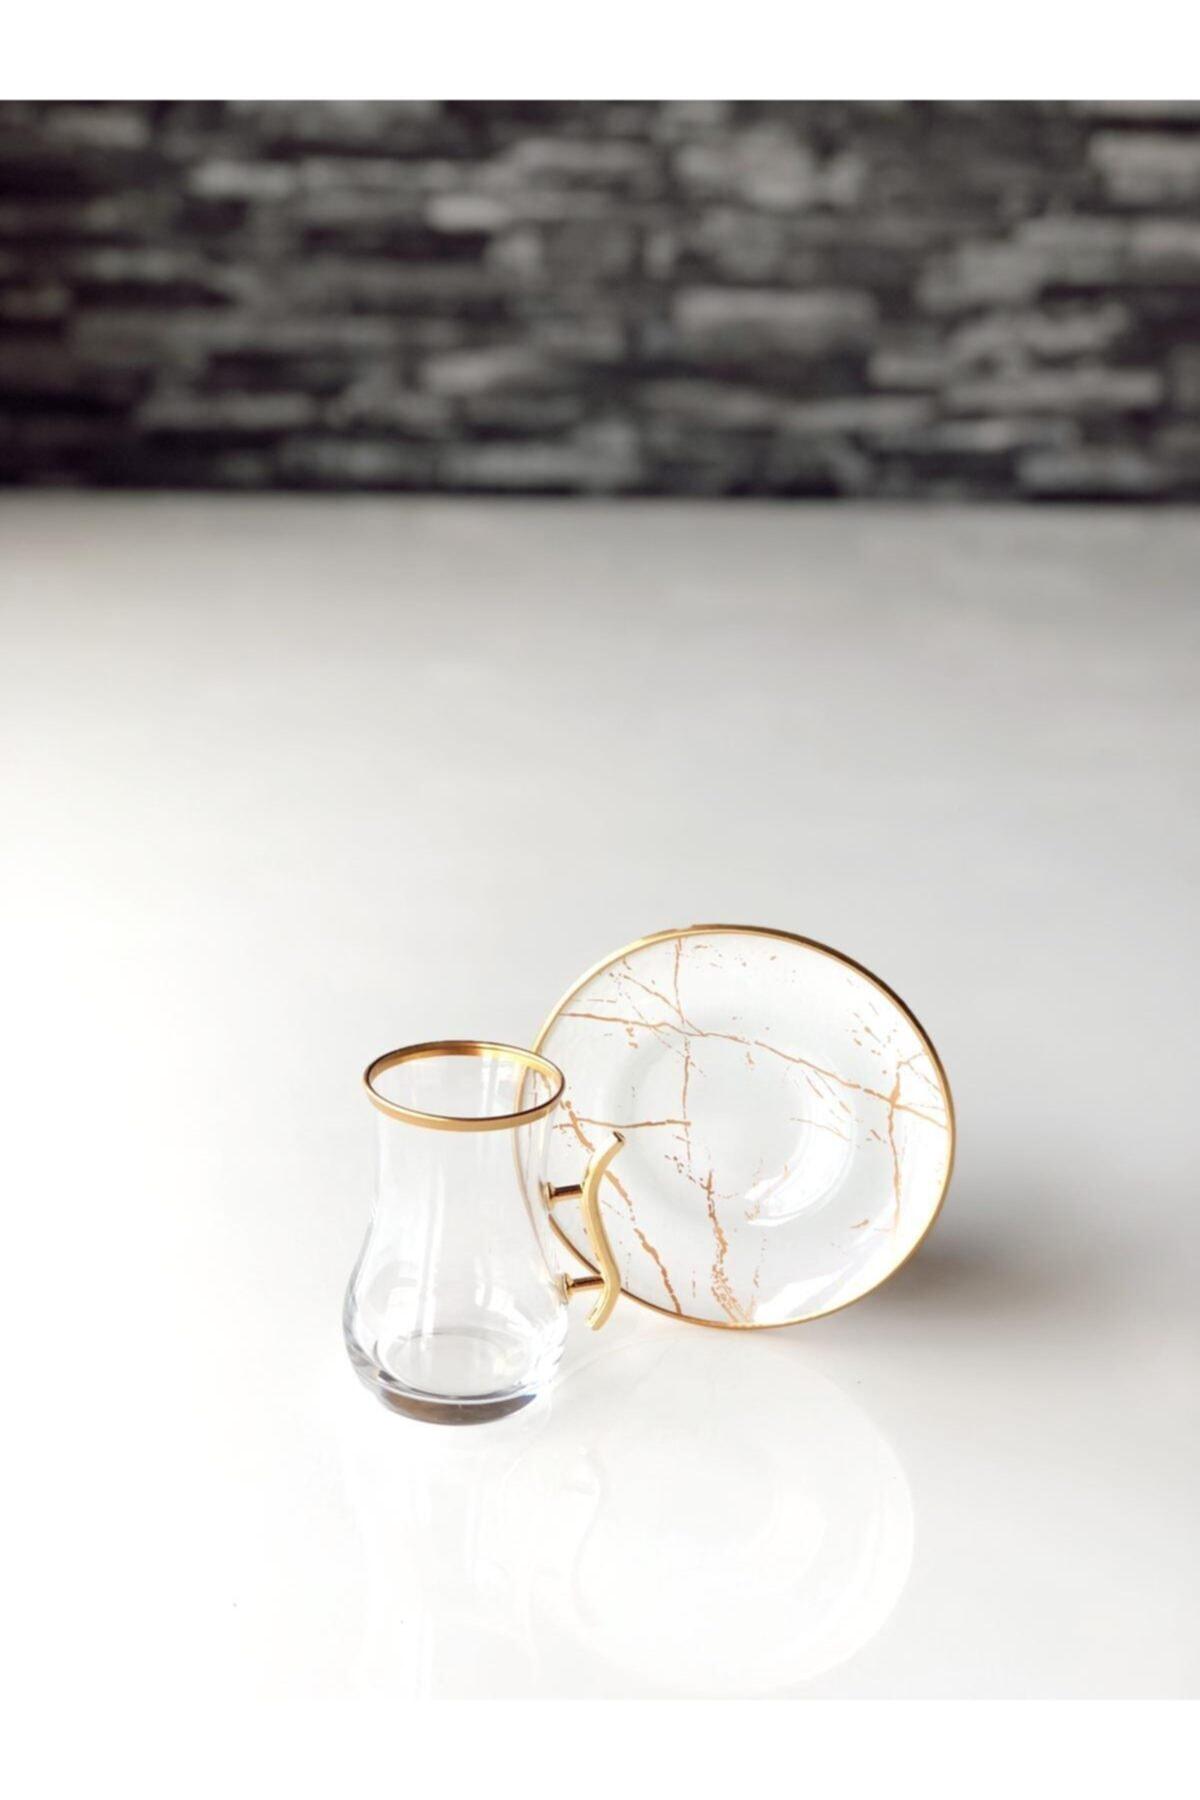 GÜRCÜGLASS Beyaz Mermer Kulplu 12 Prç Çay Seti 2